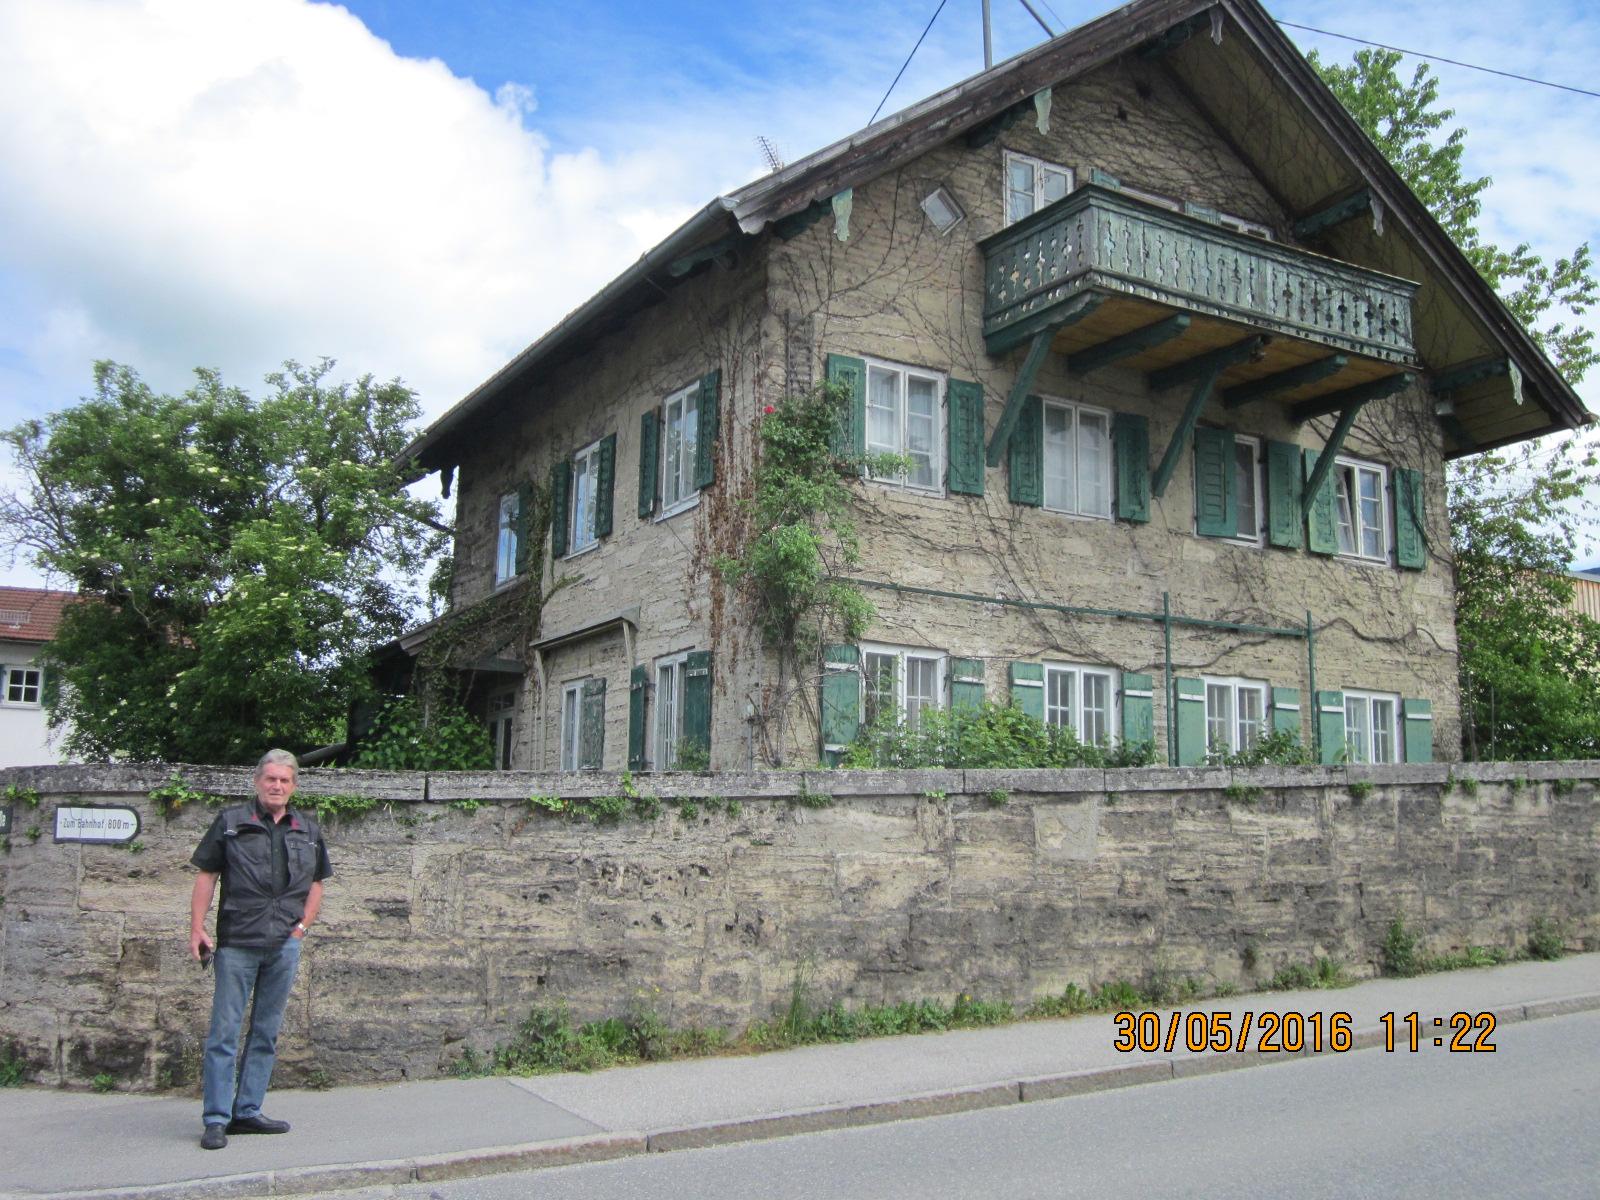 historisches Haus in Uffing